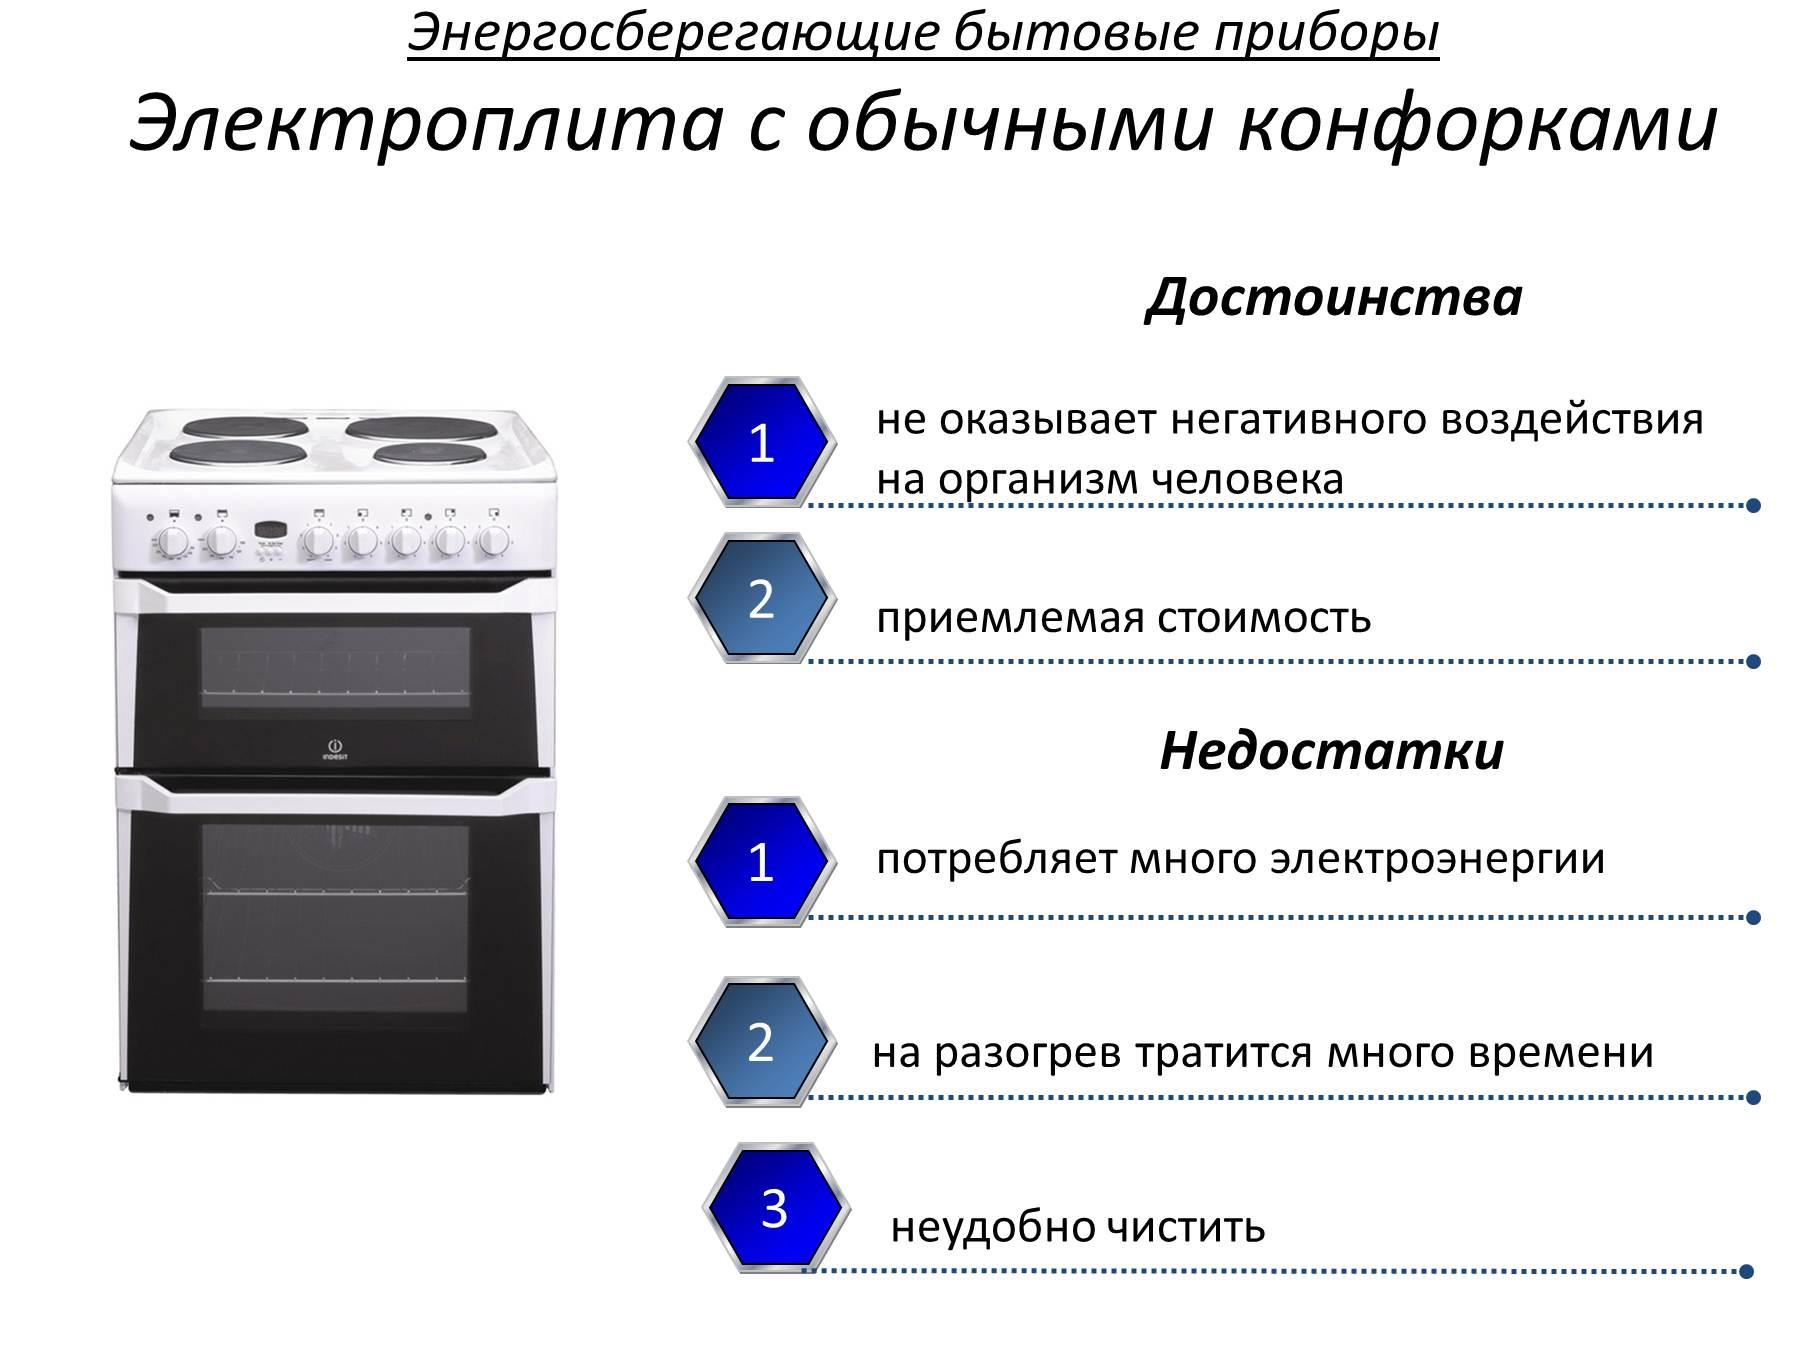 Какая плита лучше — газовая или электрическая?